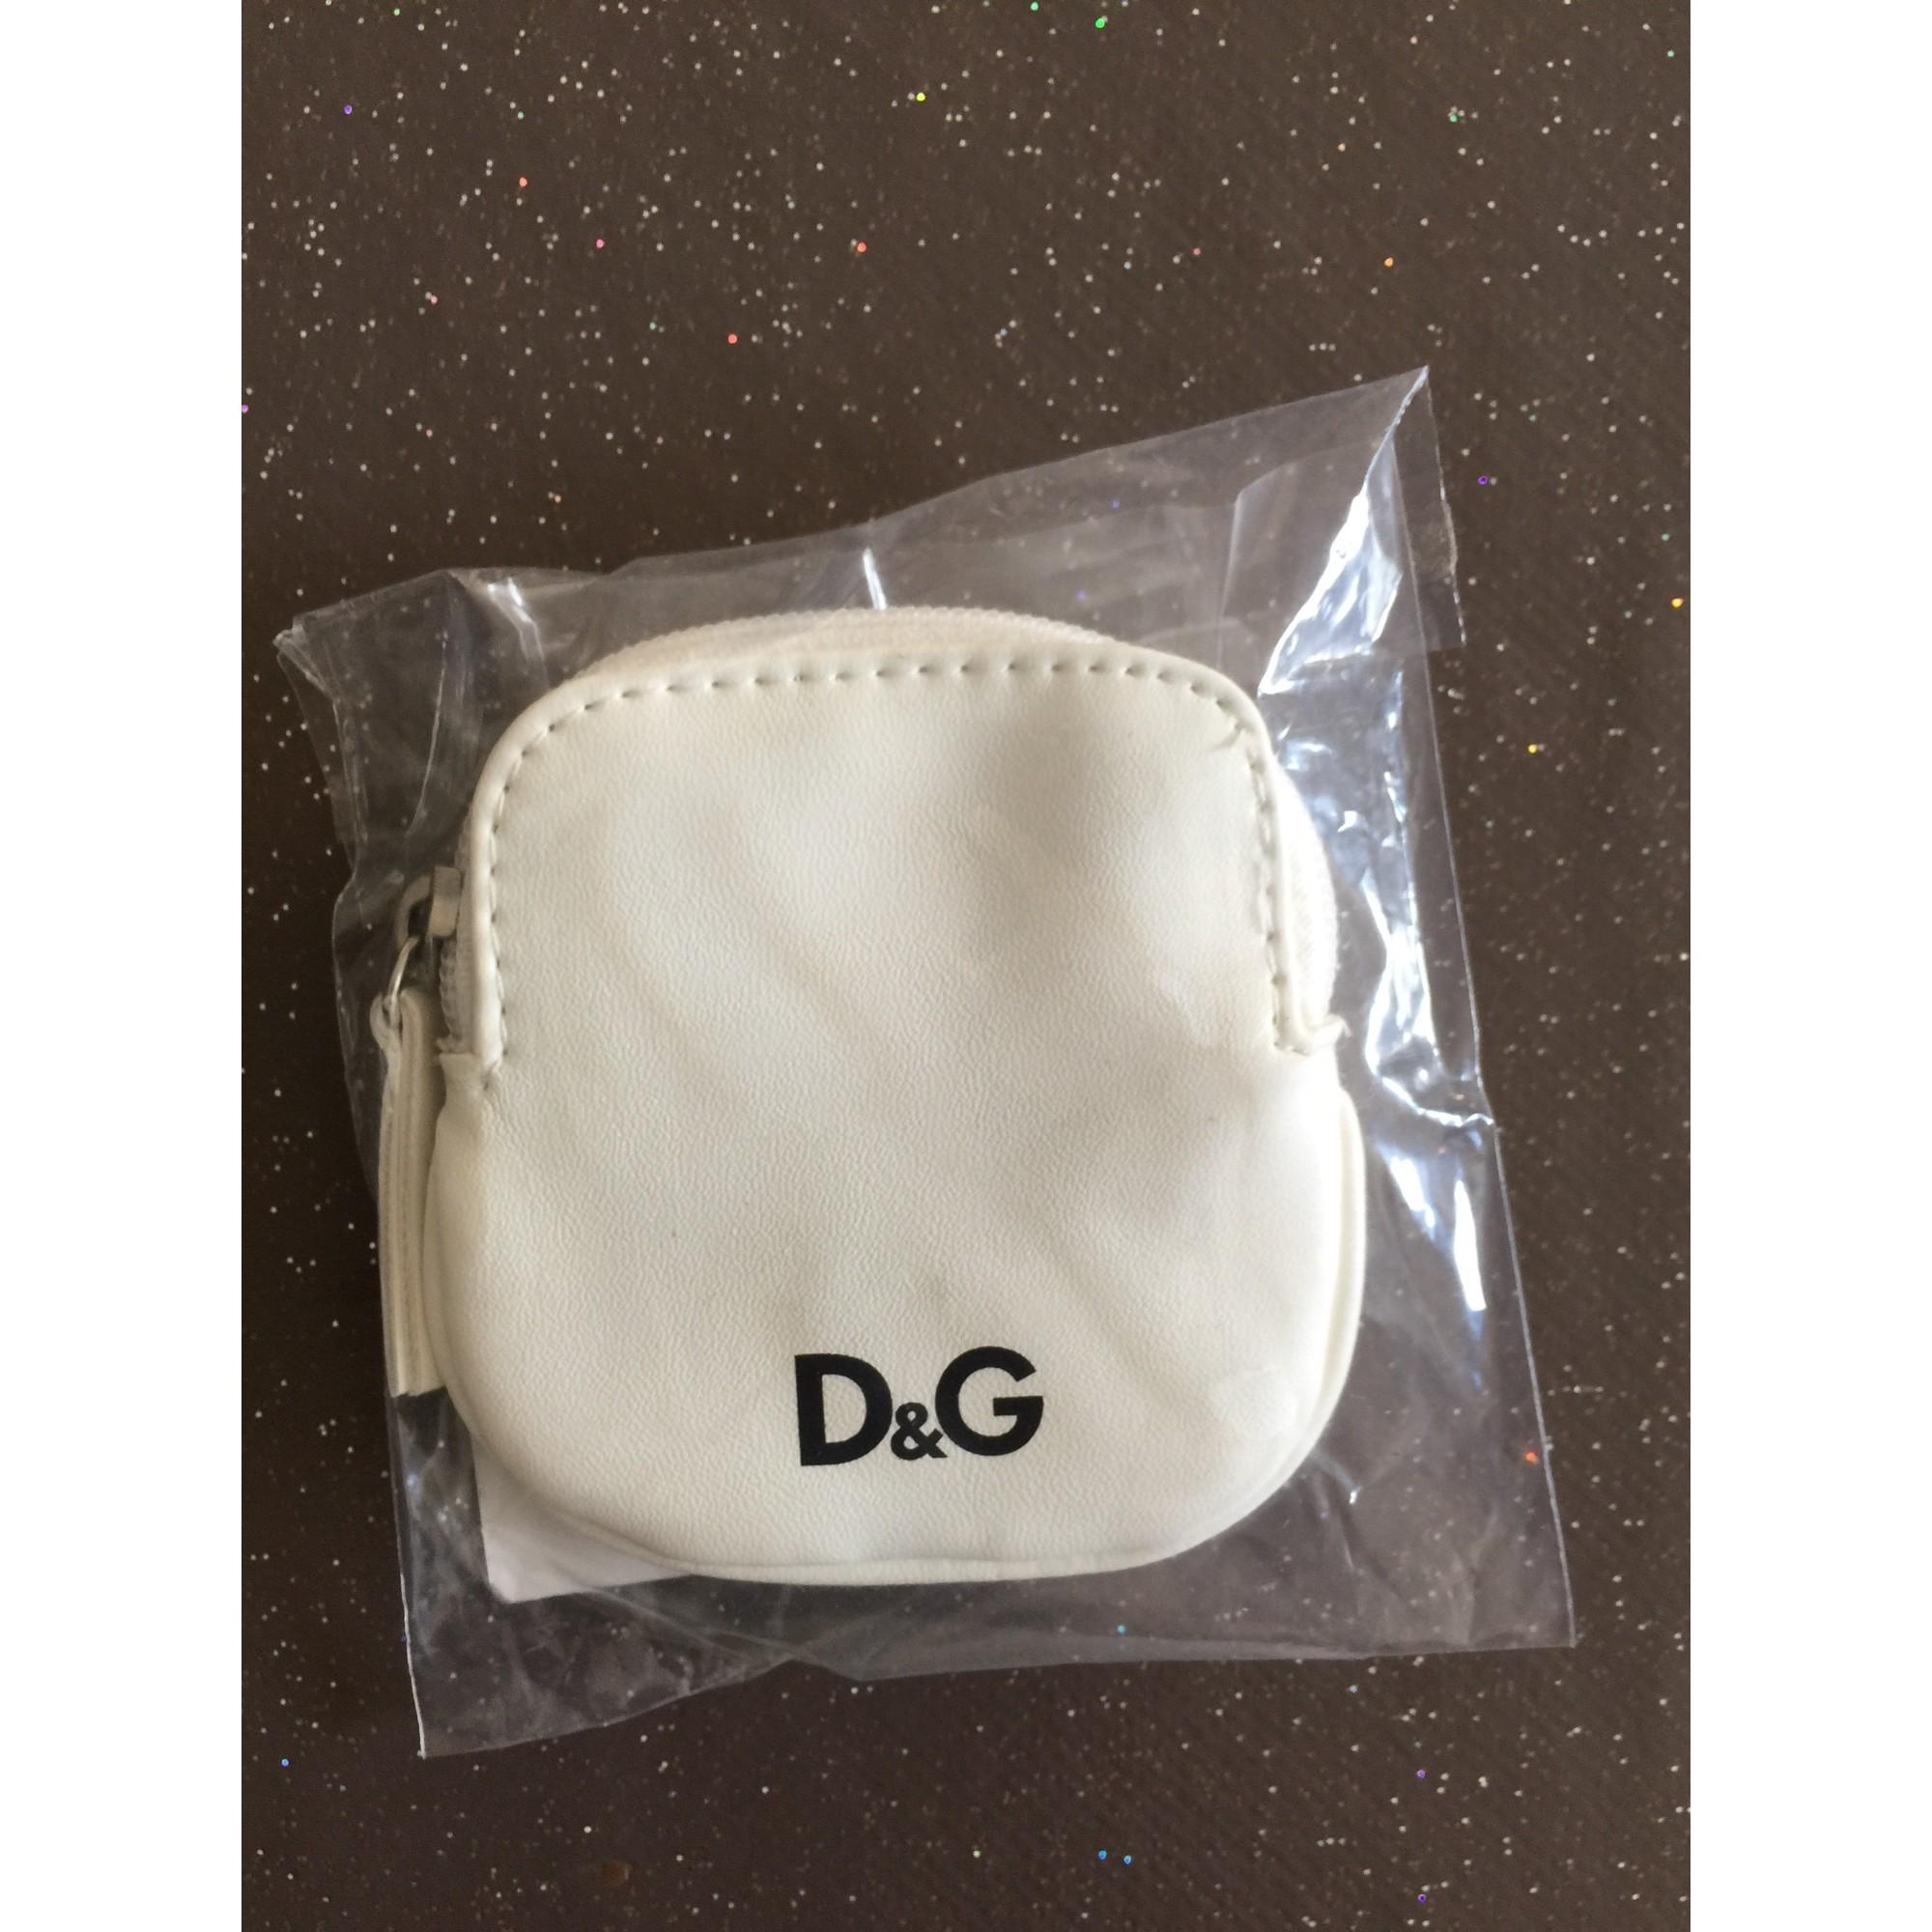 Porte-monnaie D&G plastique blanc